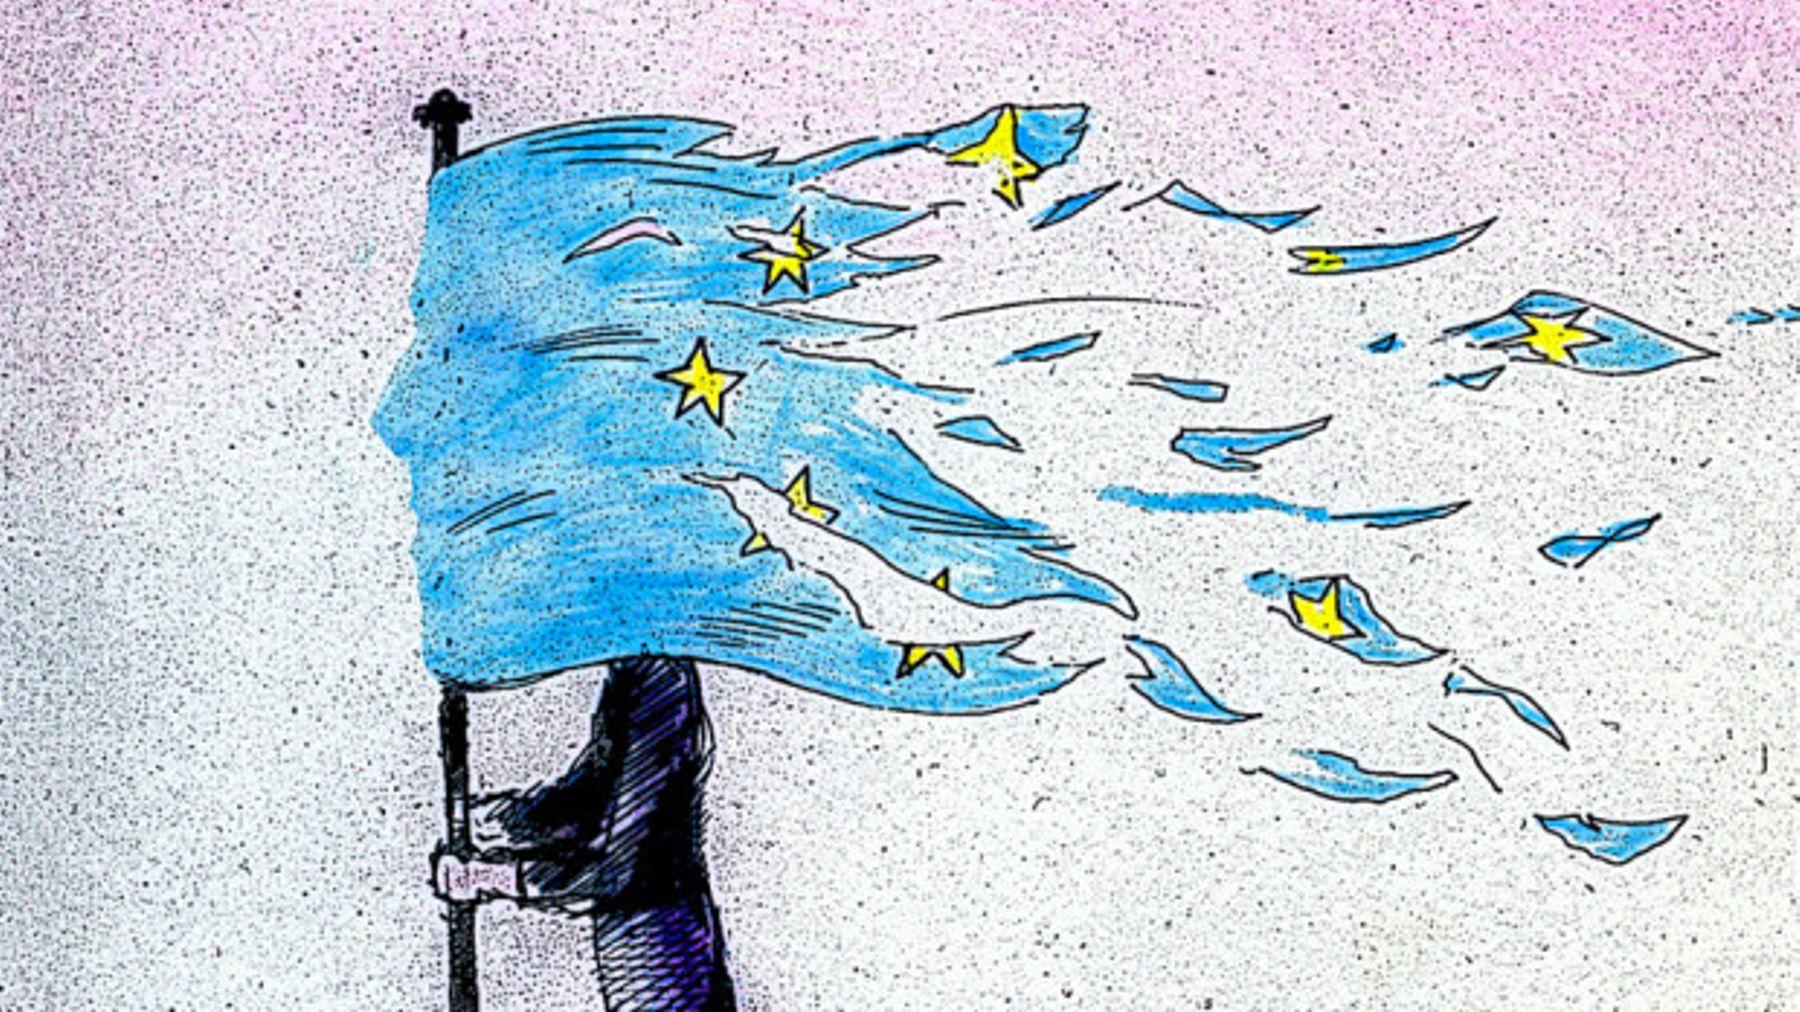 Ο Κωνσταντίνος Μαργαρίτης σημειώνει ότι οι Ευρωεκλογές προσφέρουν στην Ελλάδα μια ευκαιρία για νέα ευρωπαϊκή πορεία. Ωστόσο ο δρόμος προς τις Ευρωεκλογές έχει πολλές τεχνητές εντάσεις και ελάχιστη κουβέντα για το μέλλον της Ευρώπης. new deal